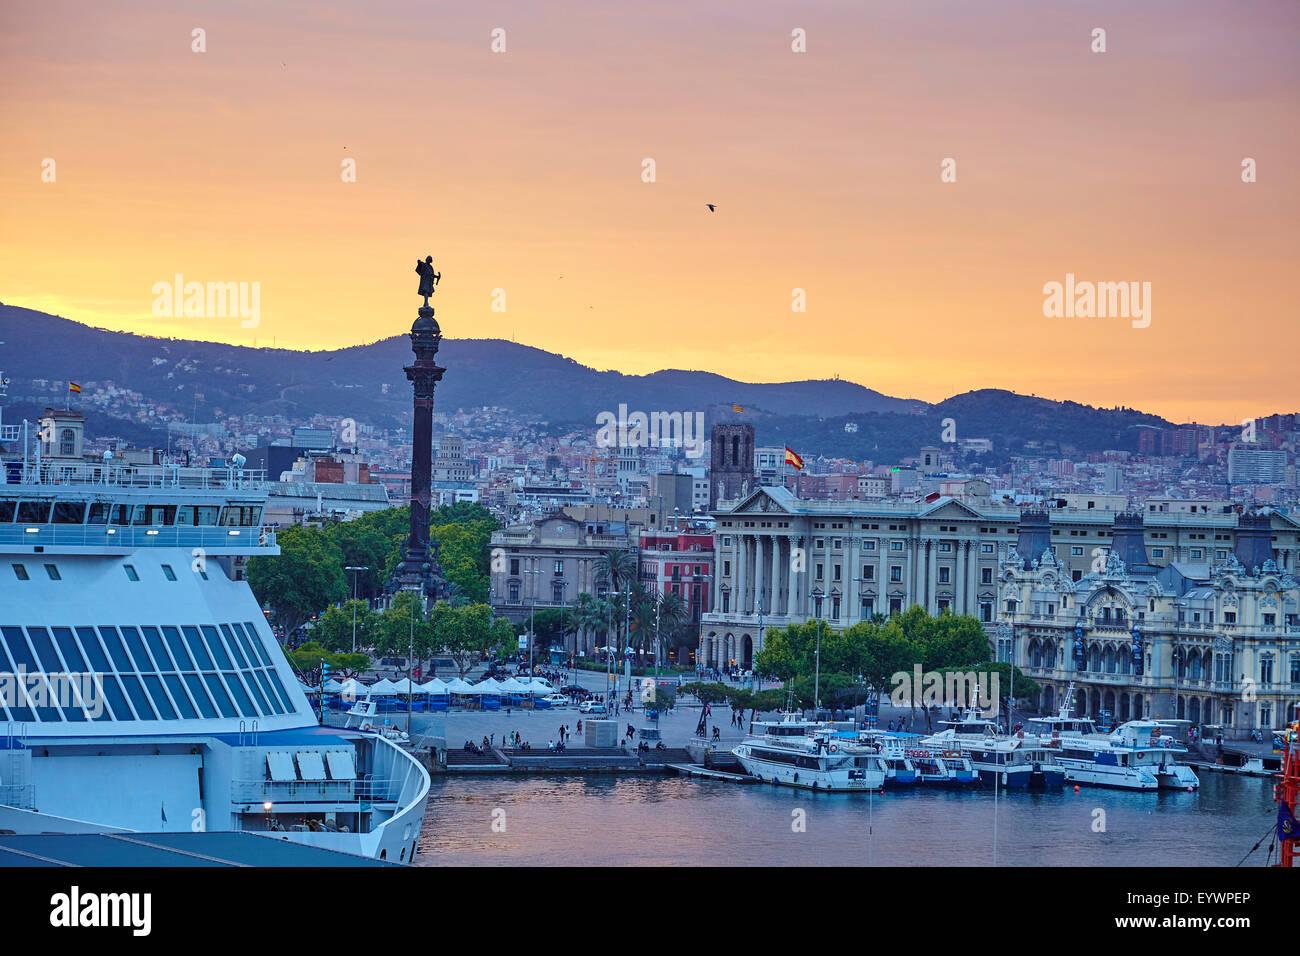 Barcelona Marina, Barcelona, Catalonia, Spain, Europe - Stock Image